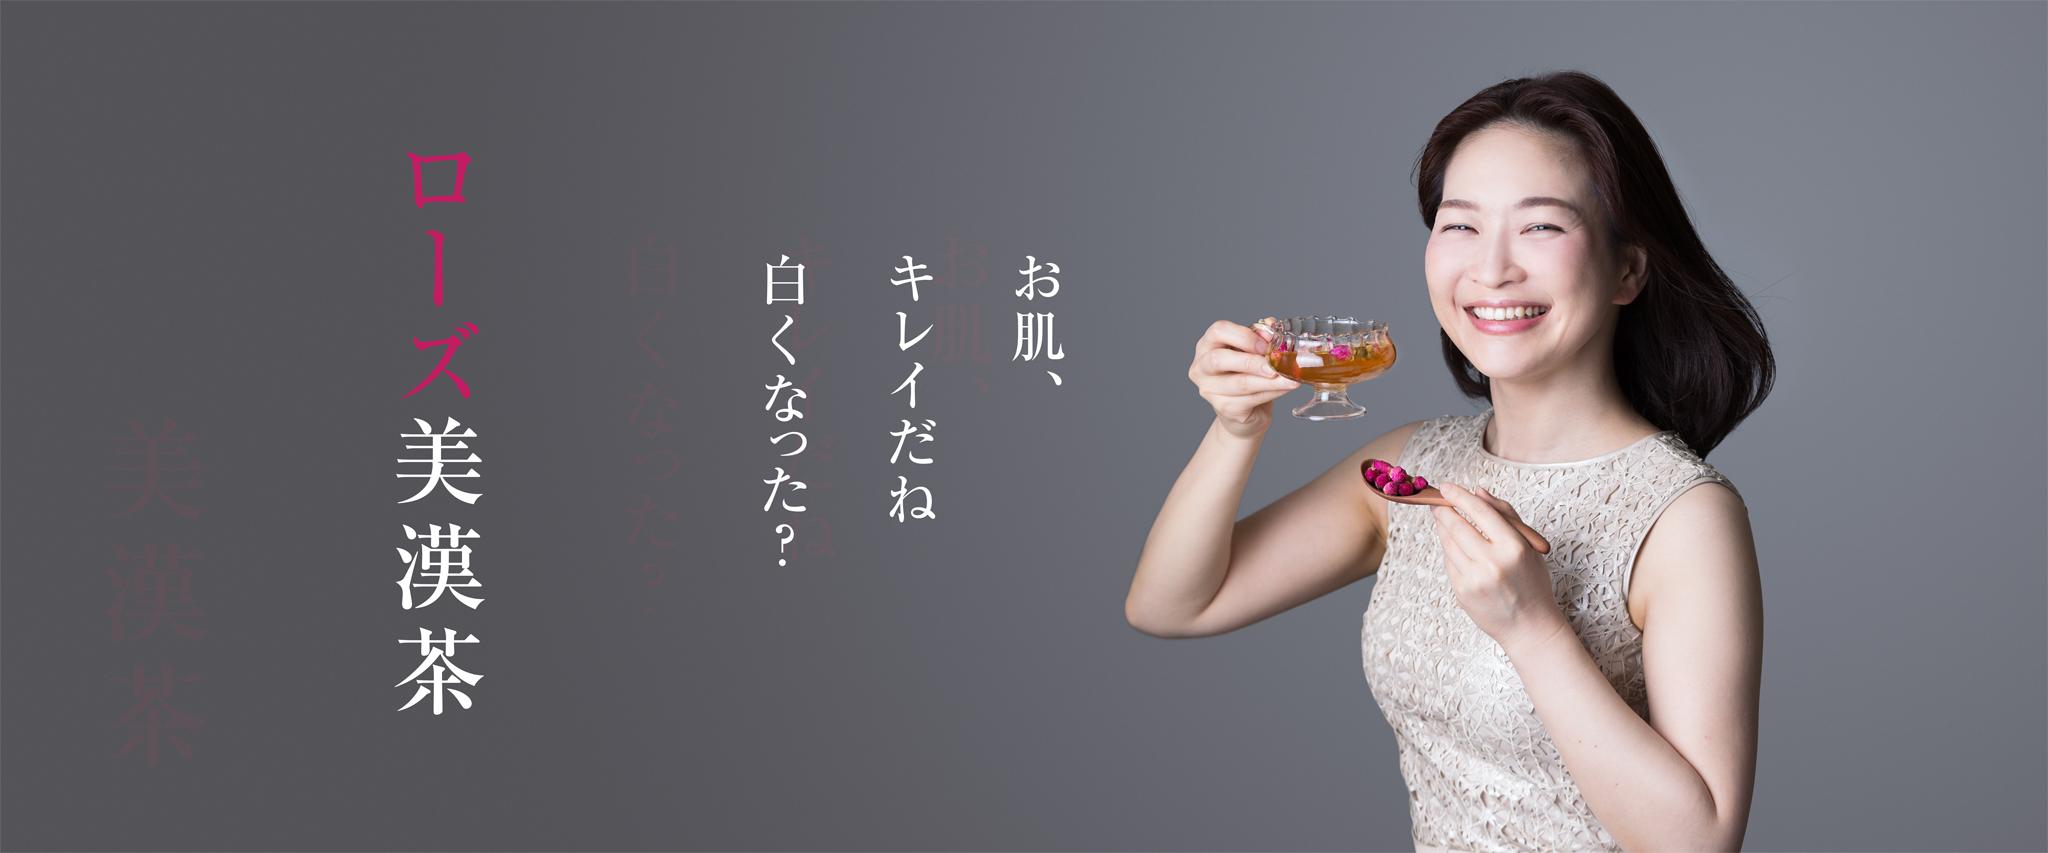 ローズ美漢茶